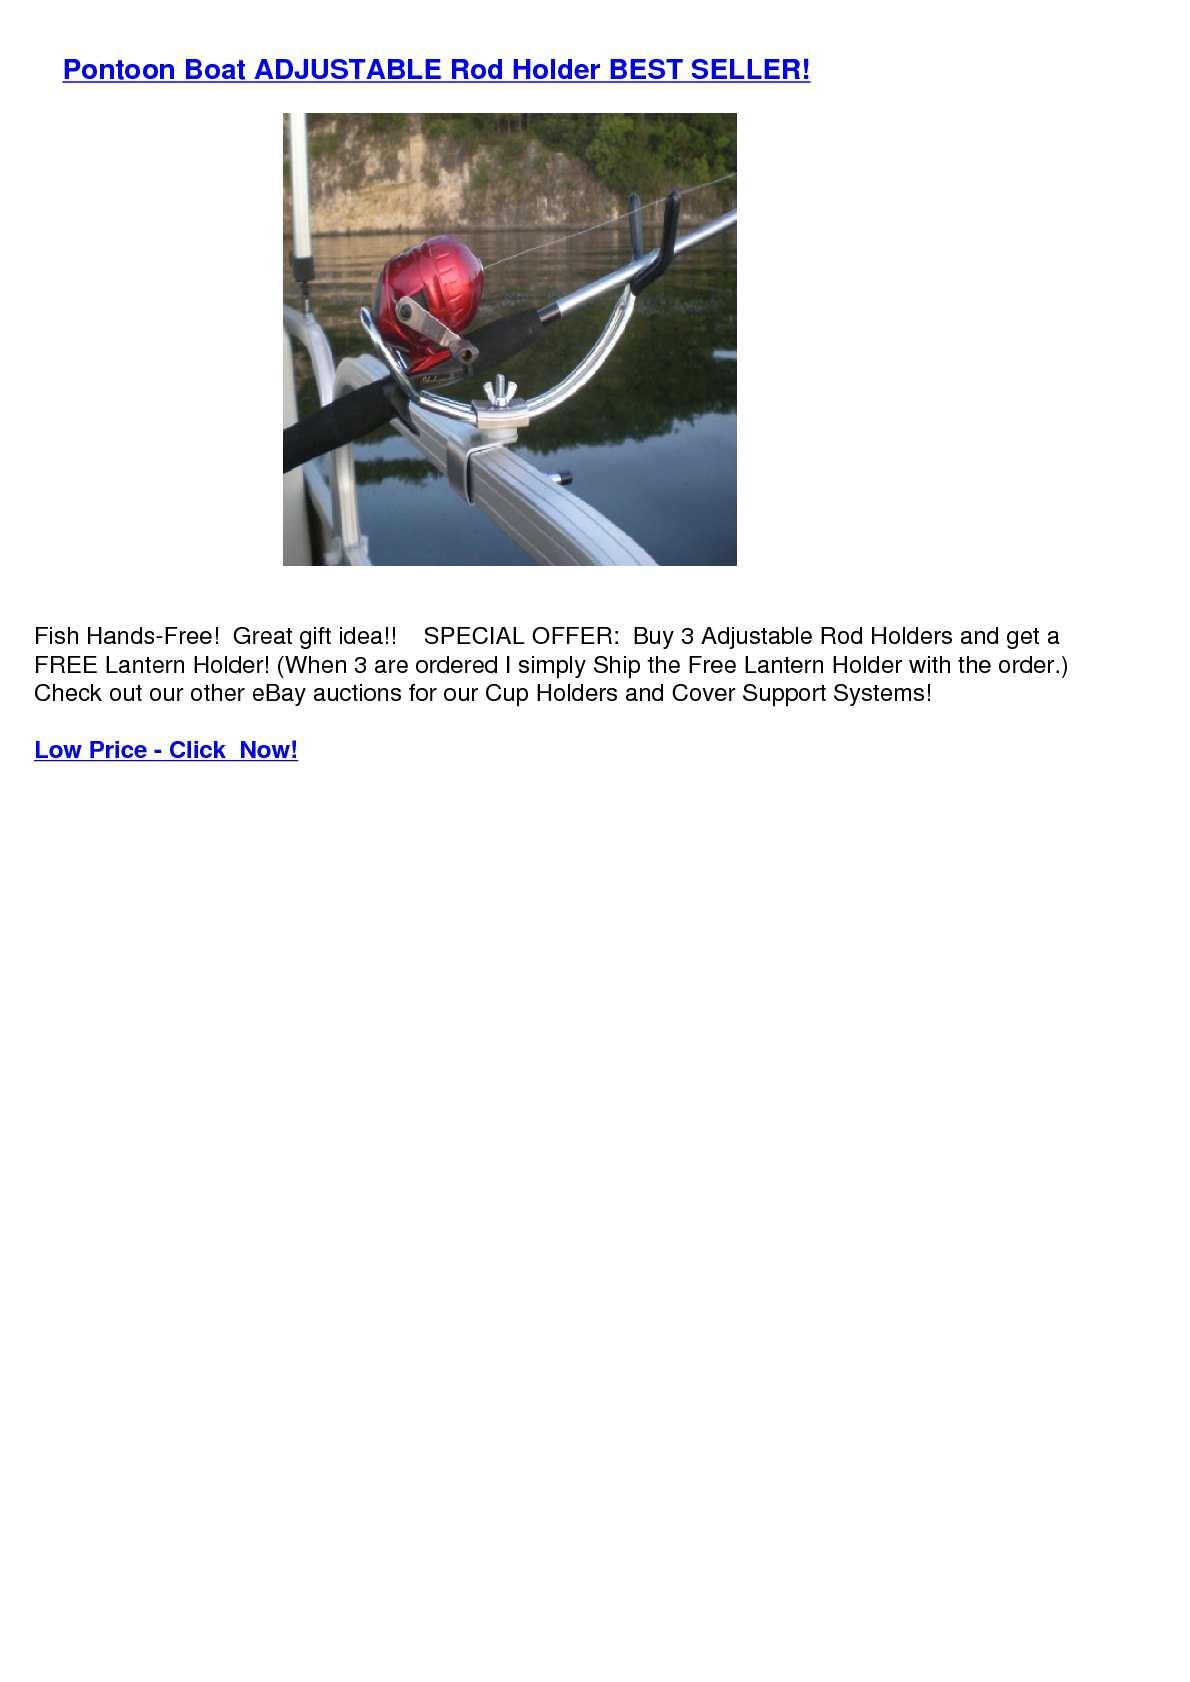 Calameo Pontoon Boat Adjustable Rod Holder Best Seller